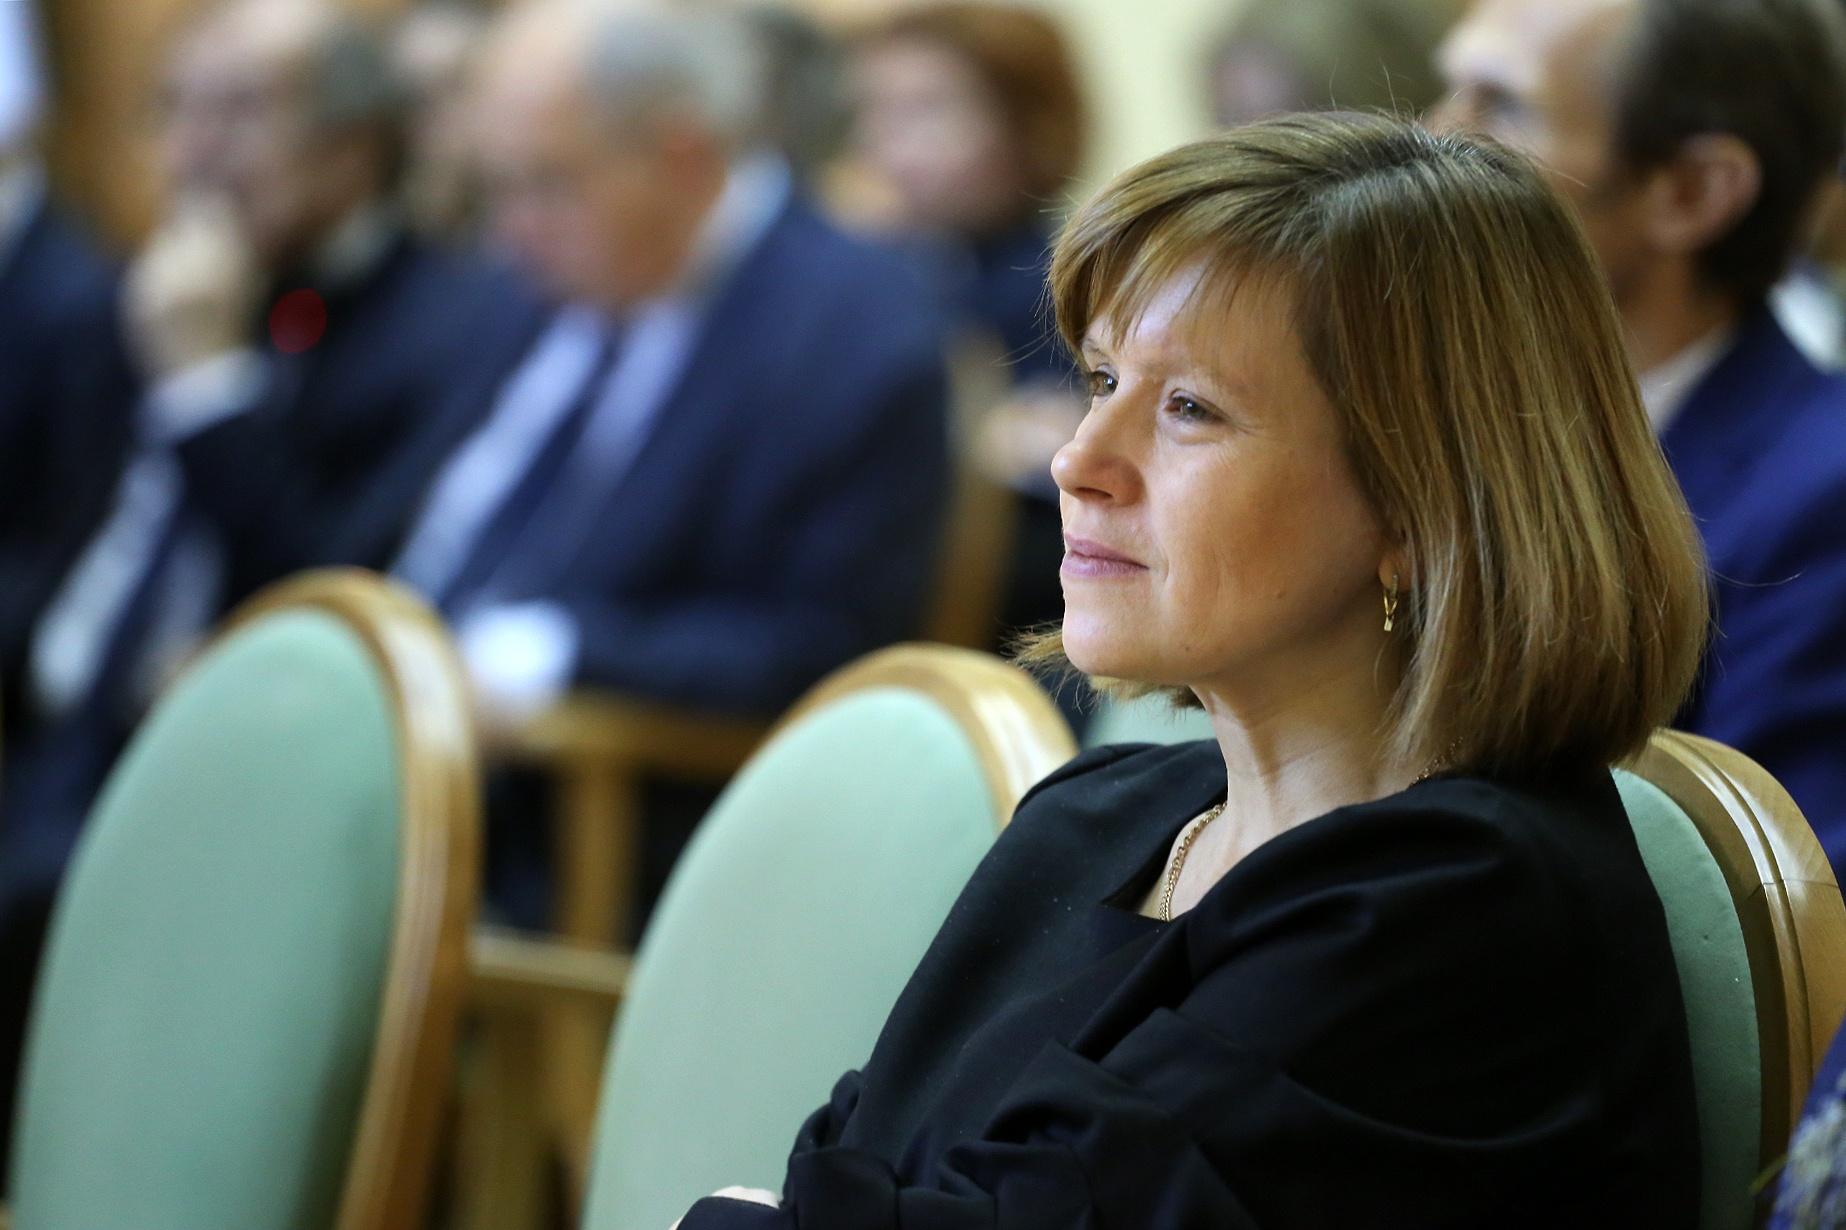 Любомиру Мандзій призначено т.в.о. Міністра освіти і науки України – рішення Уряду